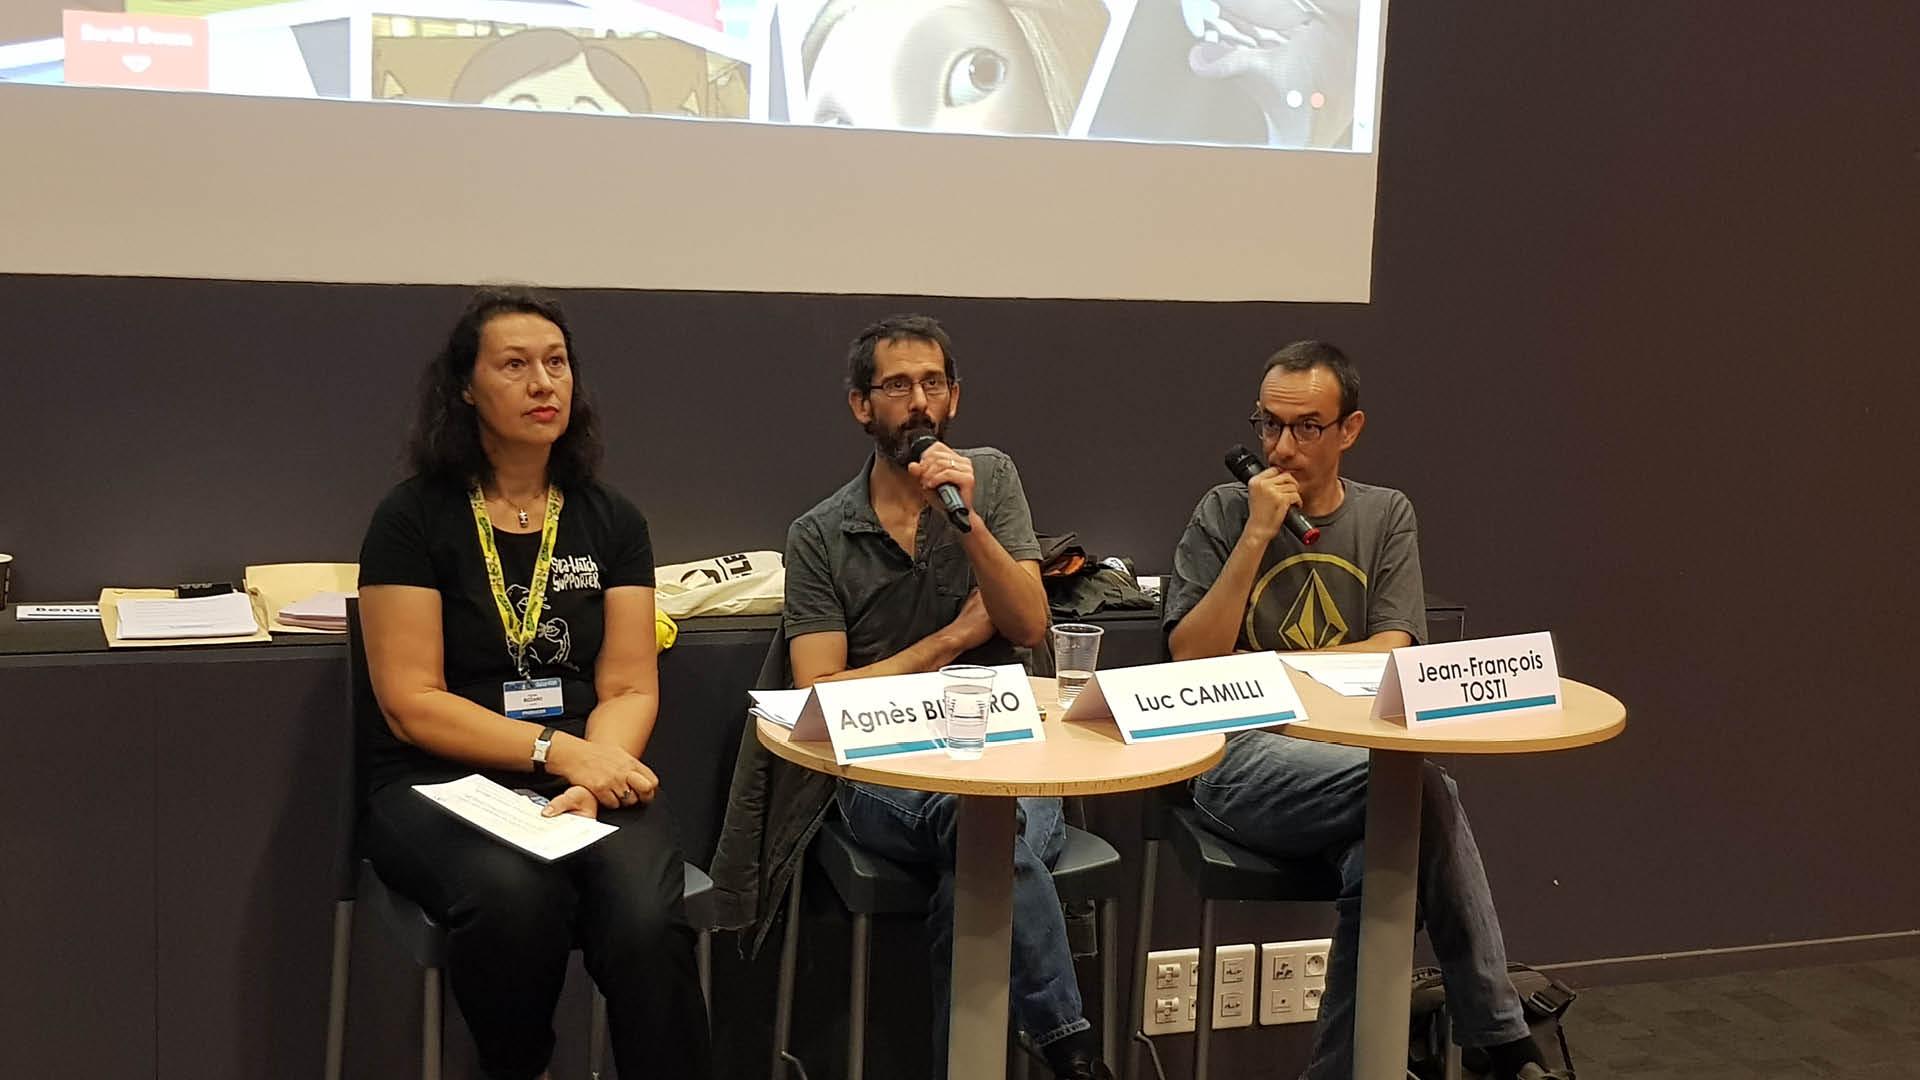 Membres du jury du Cartoon Forum 2019 à Toulouse